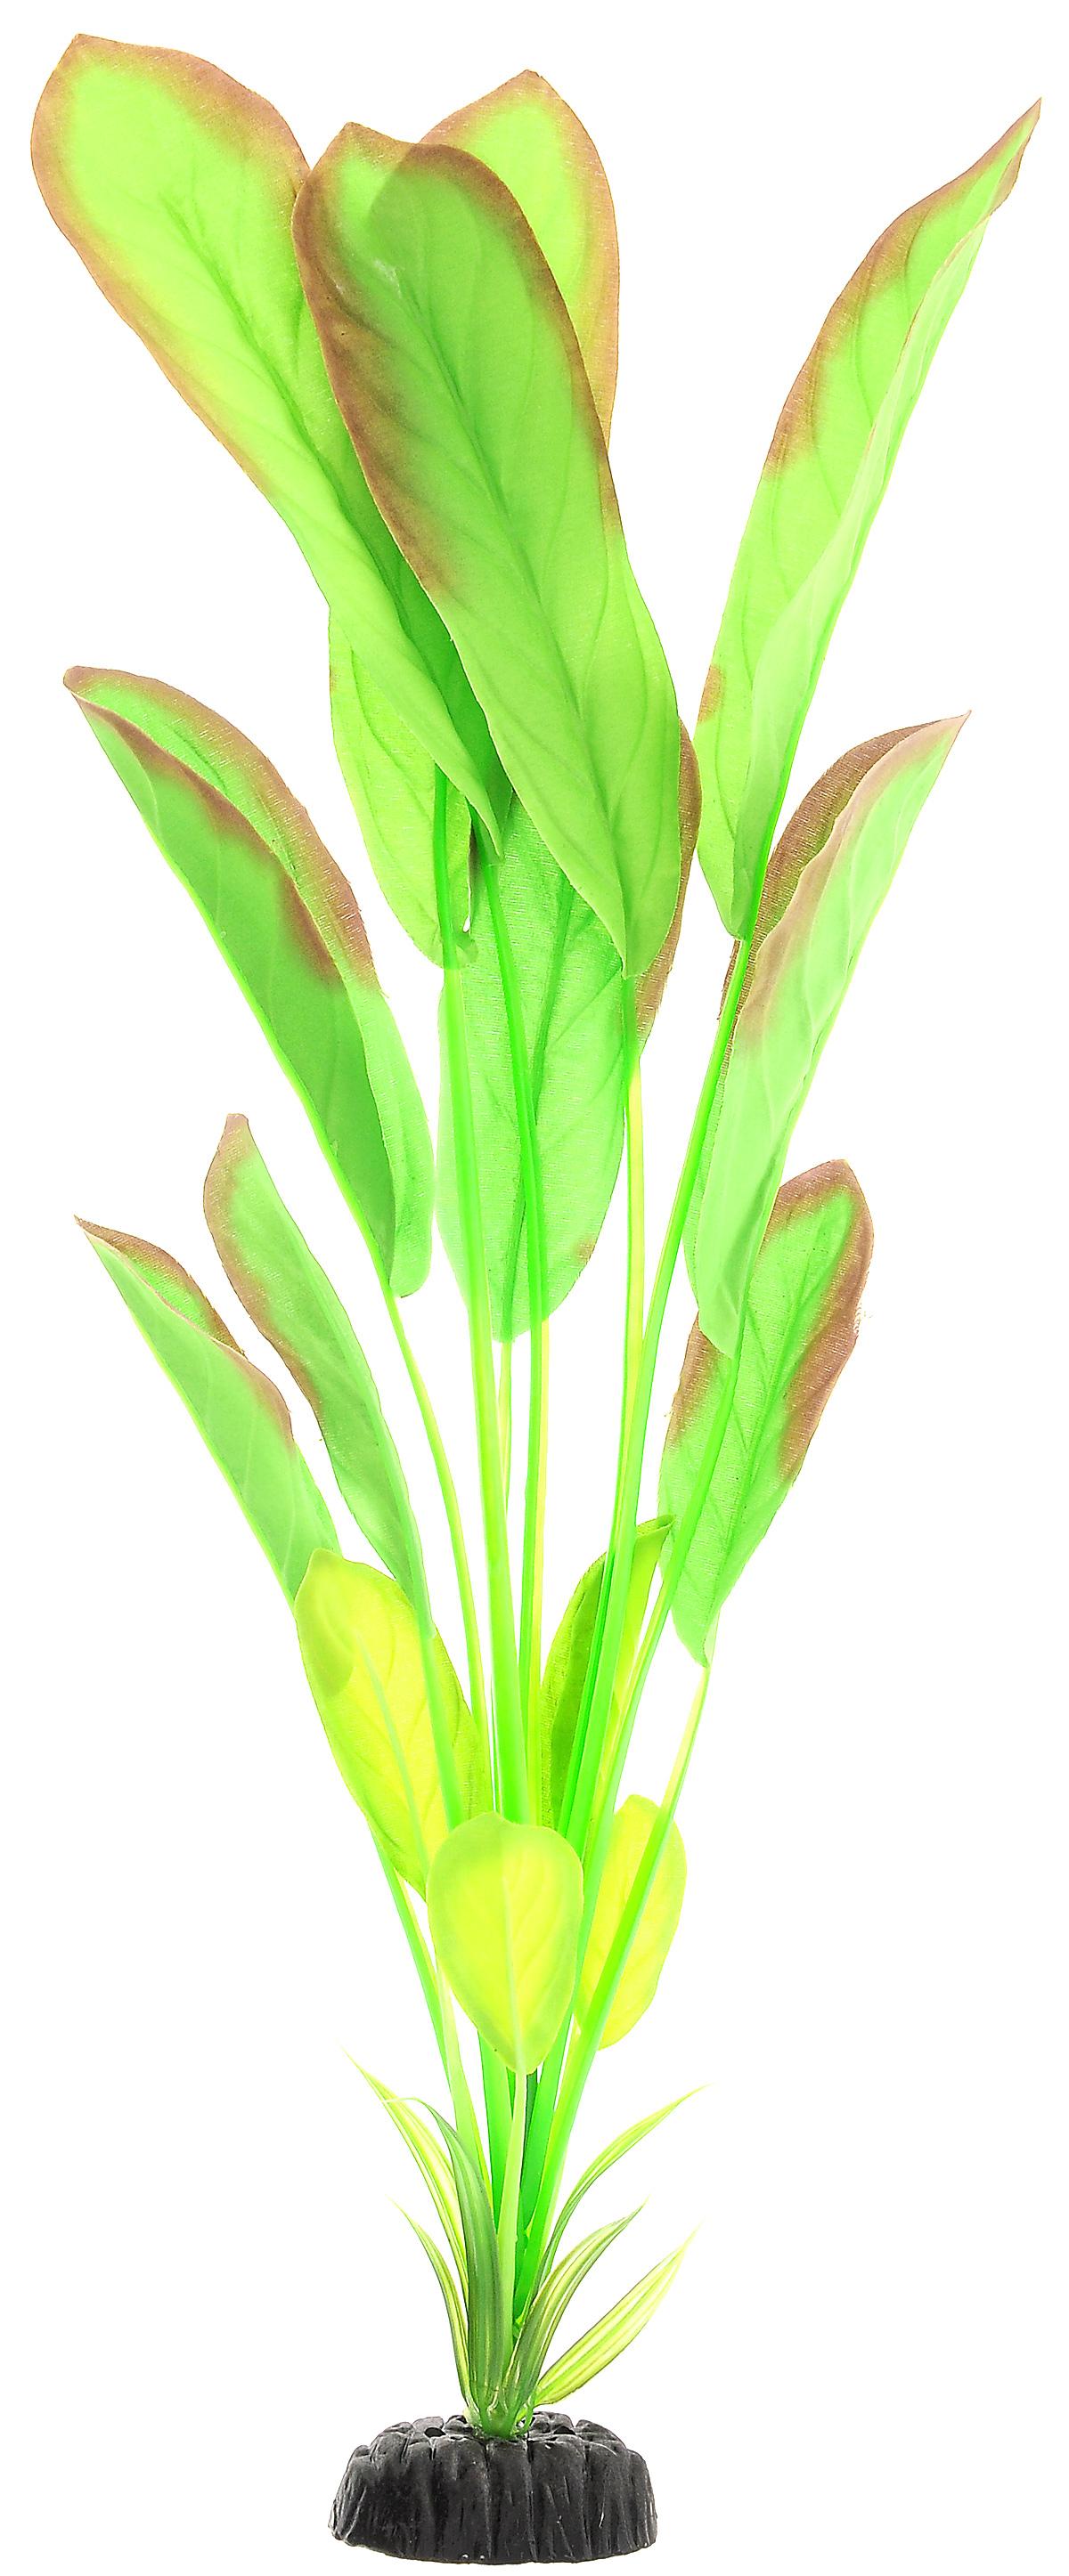 Растение для аквариума Barbus Эхинодорус, шелковое, высота 50 см. Plant 037/50Plant 037/50Растение для аквариума Barbus Эхинодорус, выполненное из высококачественного нетоксичного пластика и шелка, станет прекрасным украшением вашего аквариума. Шелковое растение идеально подходит для дизайна всех видов аквариумов. В воде происходит абсолютная имитация живых растений. Изделие не требует дополнительного ухода и просто в применении. Растение абсолютно безопасно, нейтрально к водному балансу, устойчиво к истиранию краски, подходит как для пресноводного, так и для морского аквариума. Растение для аквариума Barbus Эхинодорус поможет вам смоделировать потрясающий пейзаж на дне вашего аквариума или террариума.